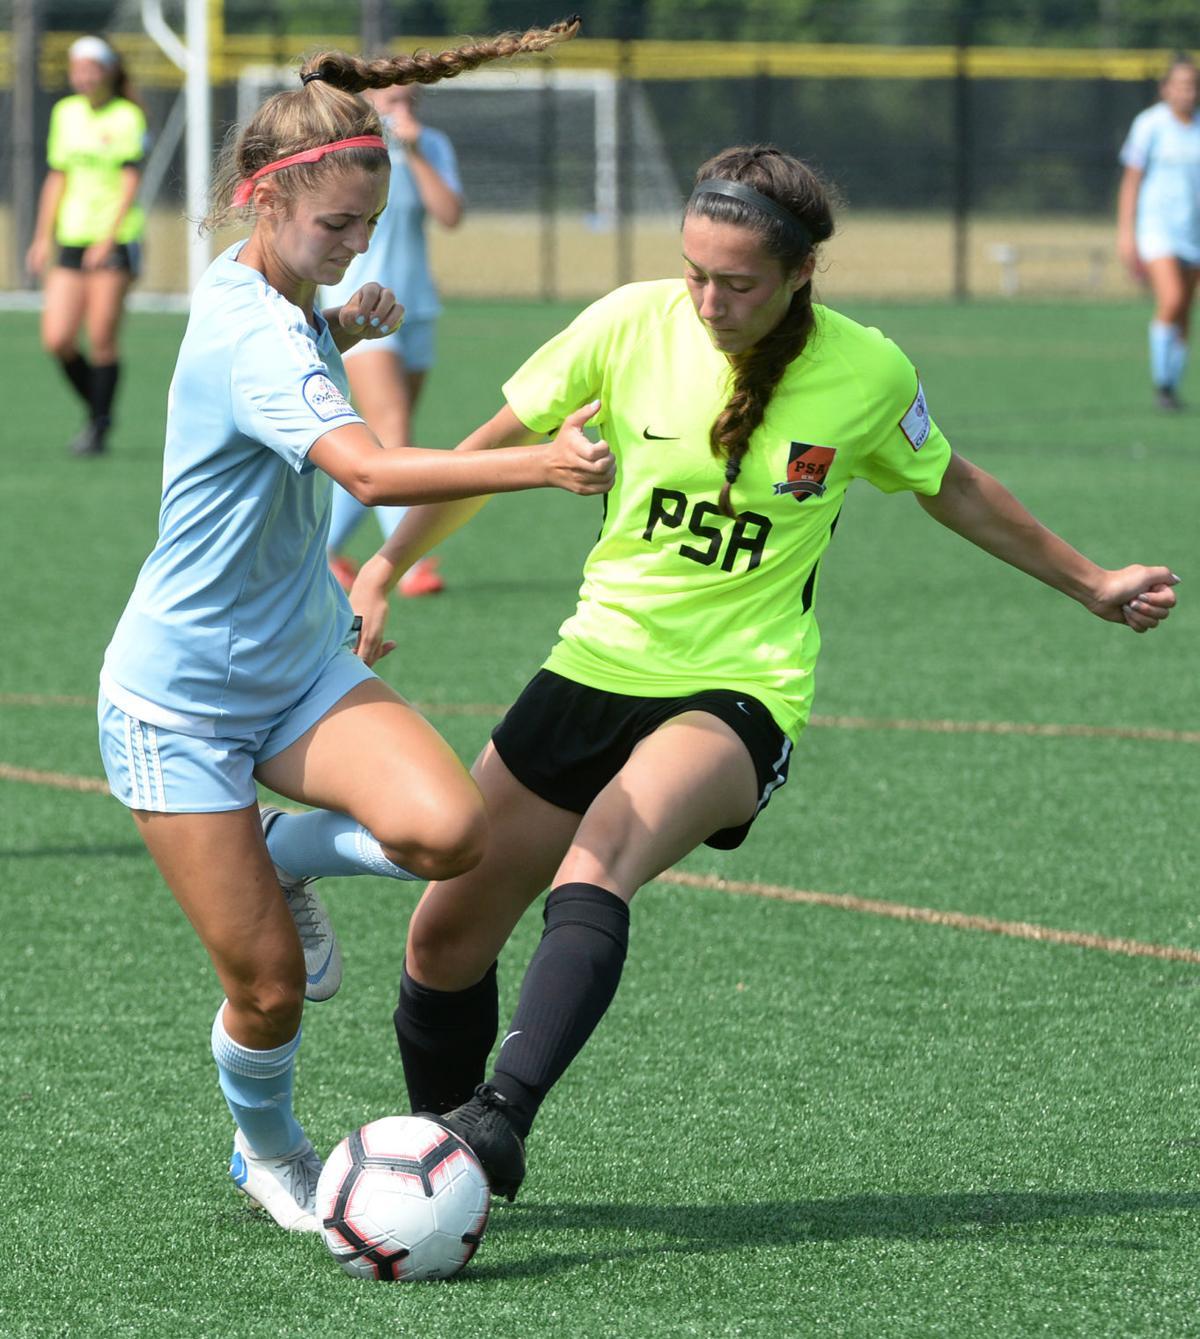 delaware psa soccer4